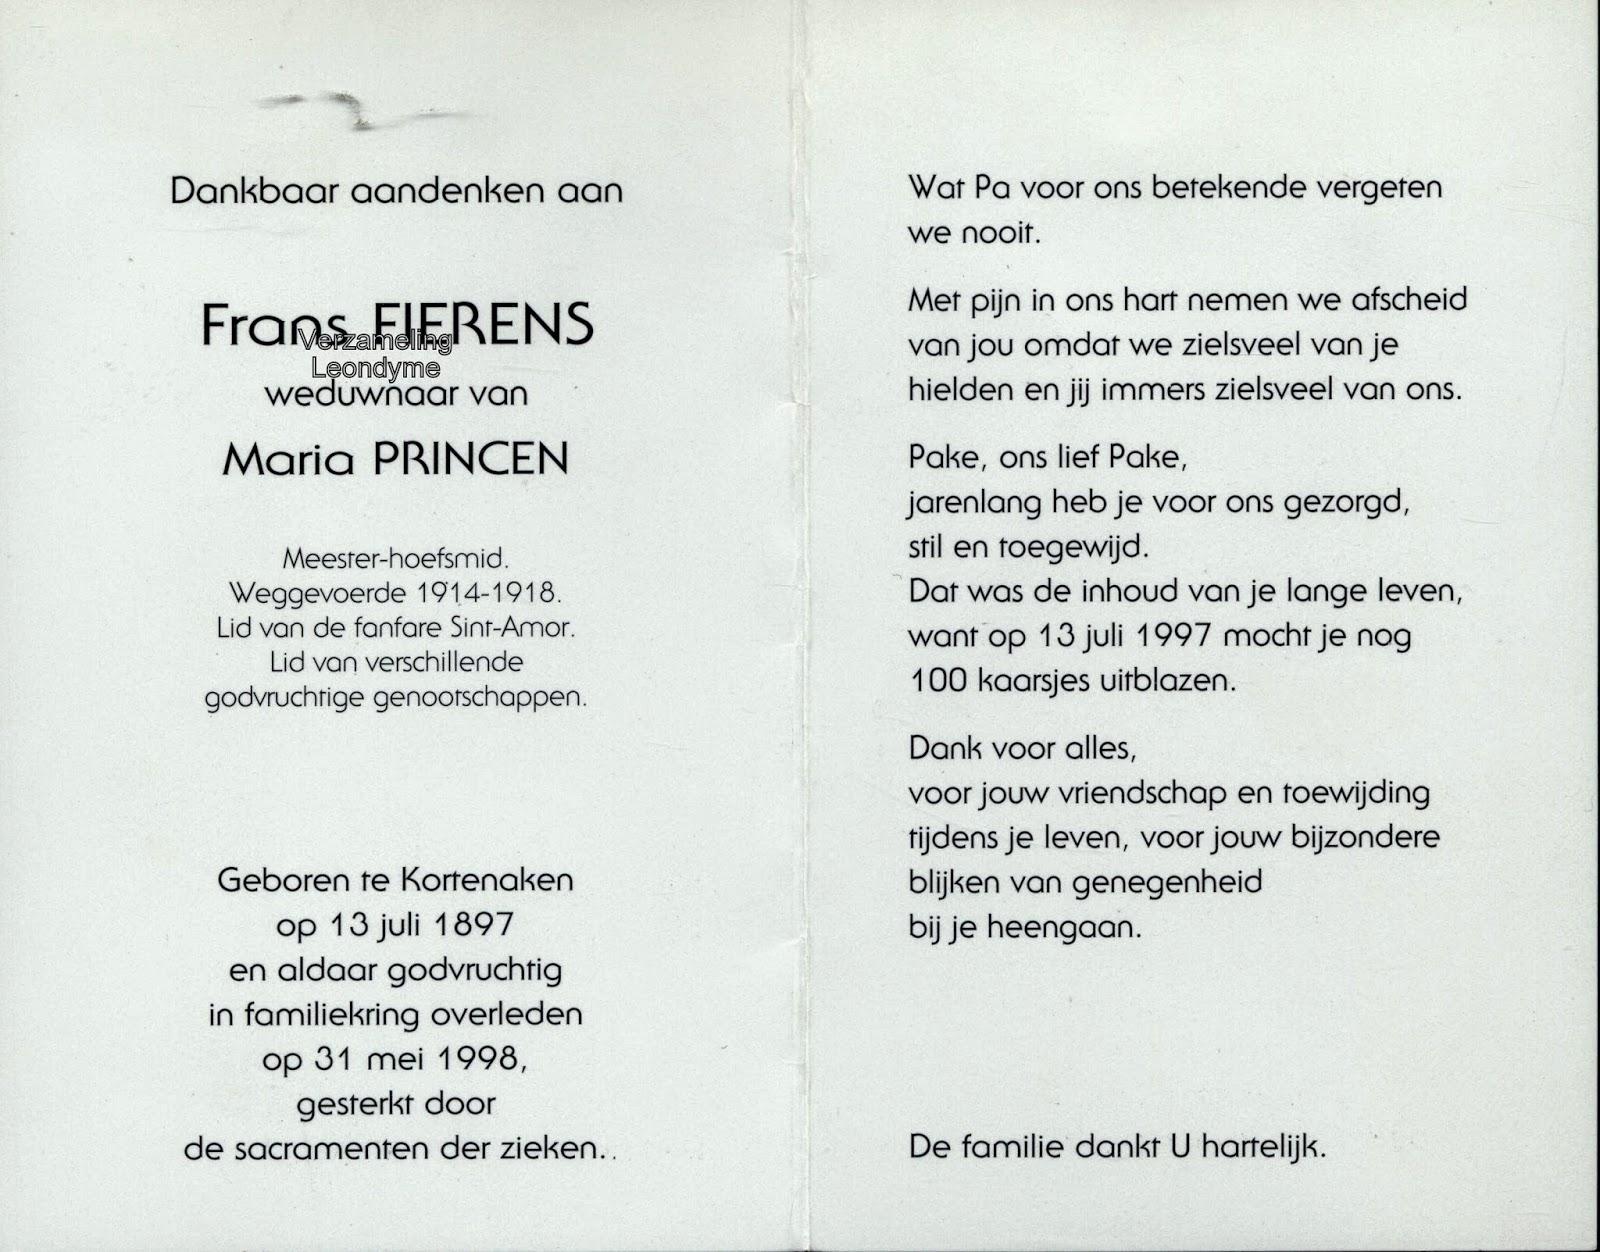 Bidprentje Frans Fierens. Verzameling Leondyme.